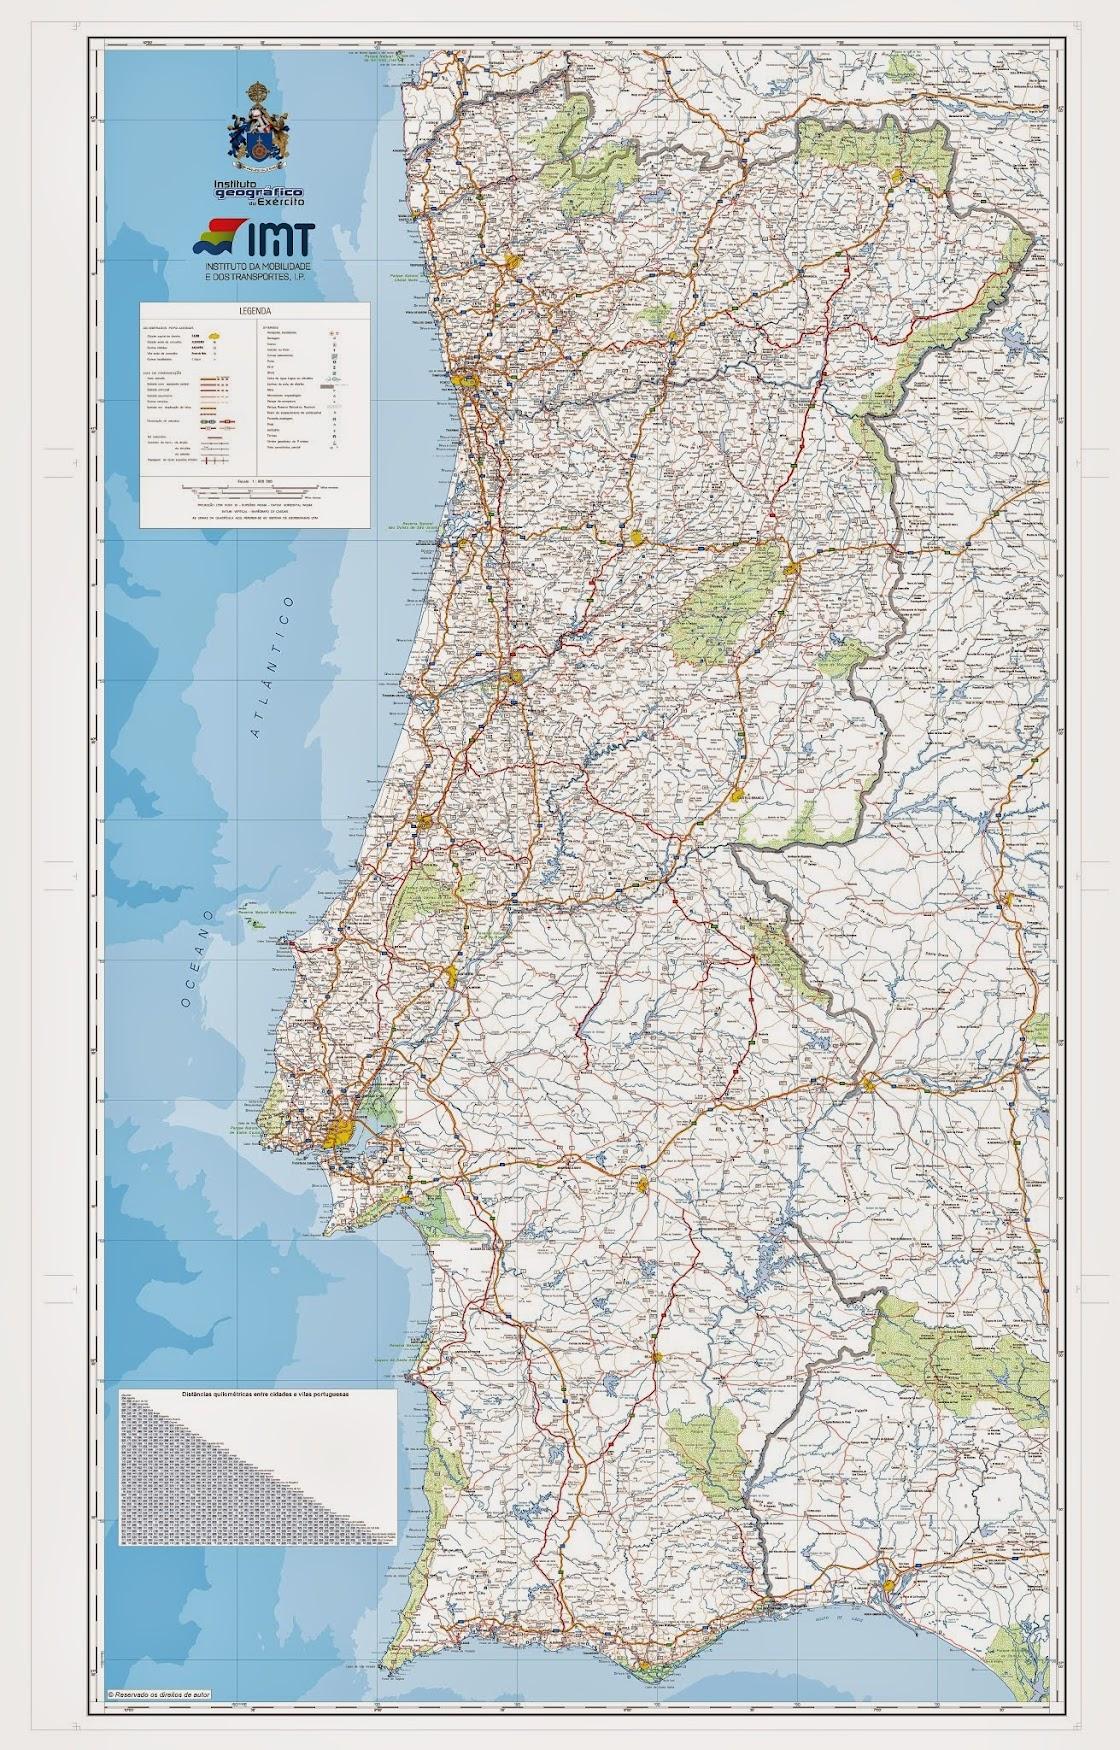 mapa de portugal de estradas Estradas de Portugal   SkyscraperCity mapa de portugal de estradas